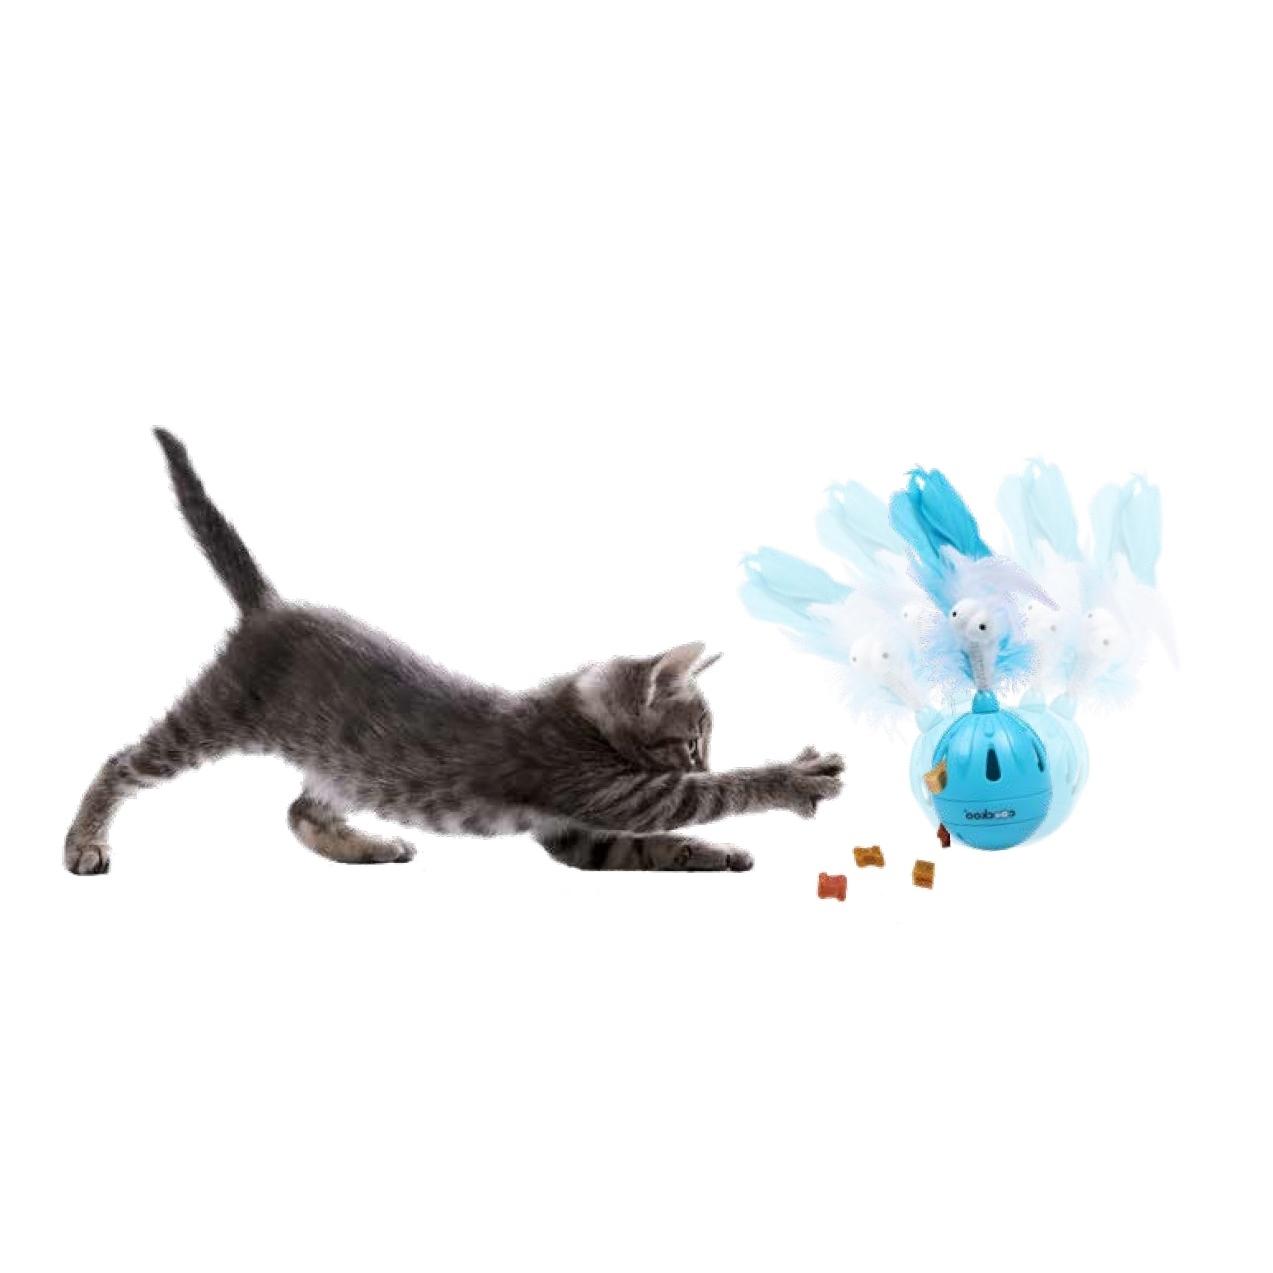 Coockoo Katzenspielzeug Tumbler, Bild 4